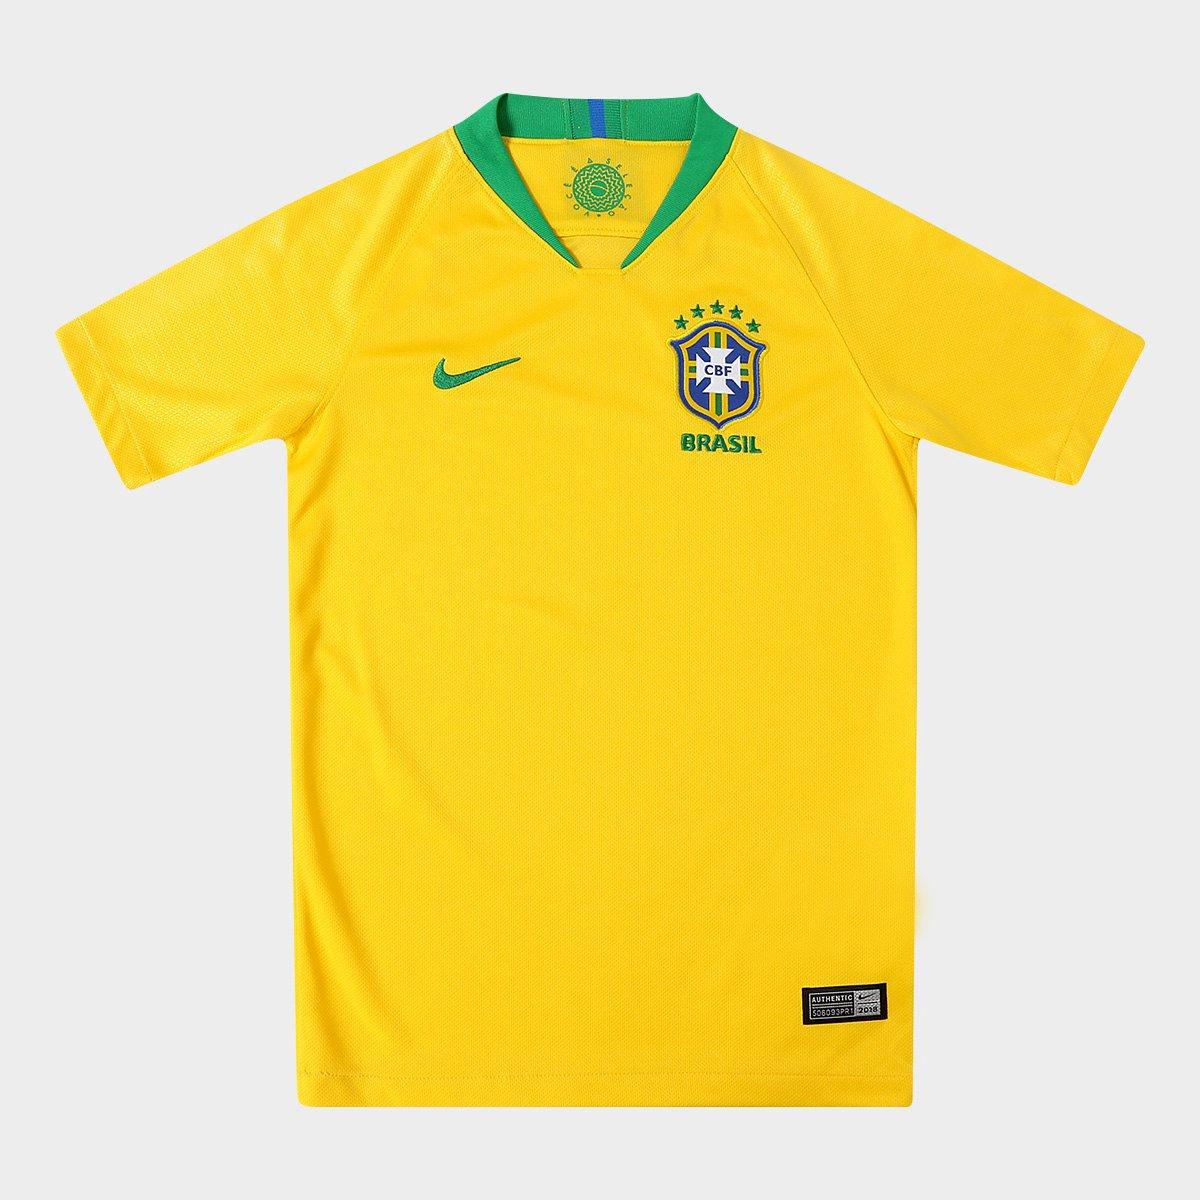 s Verde Nike Brasil Juvenil e n° Amarelo 2018 I Camisa Torcedor Seleção ZP48q5X